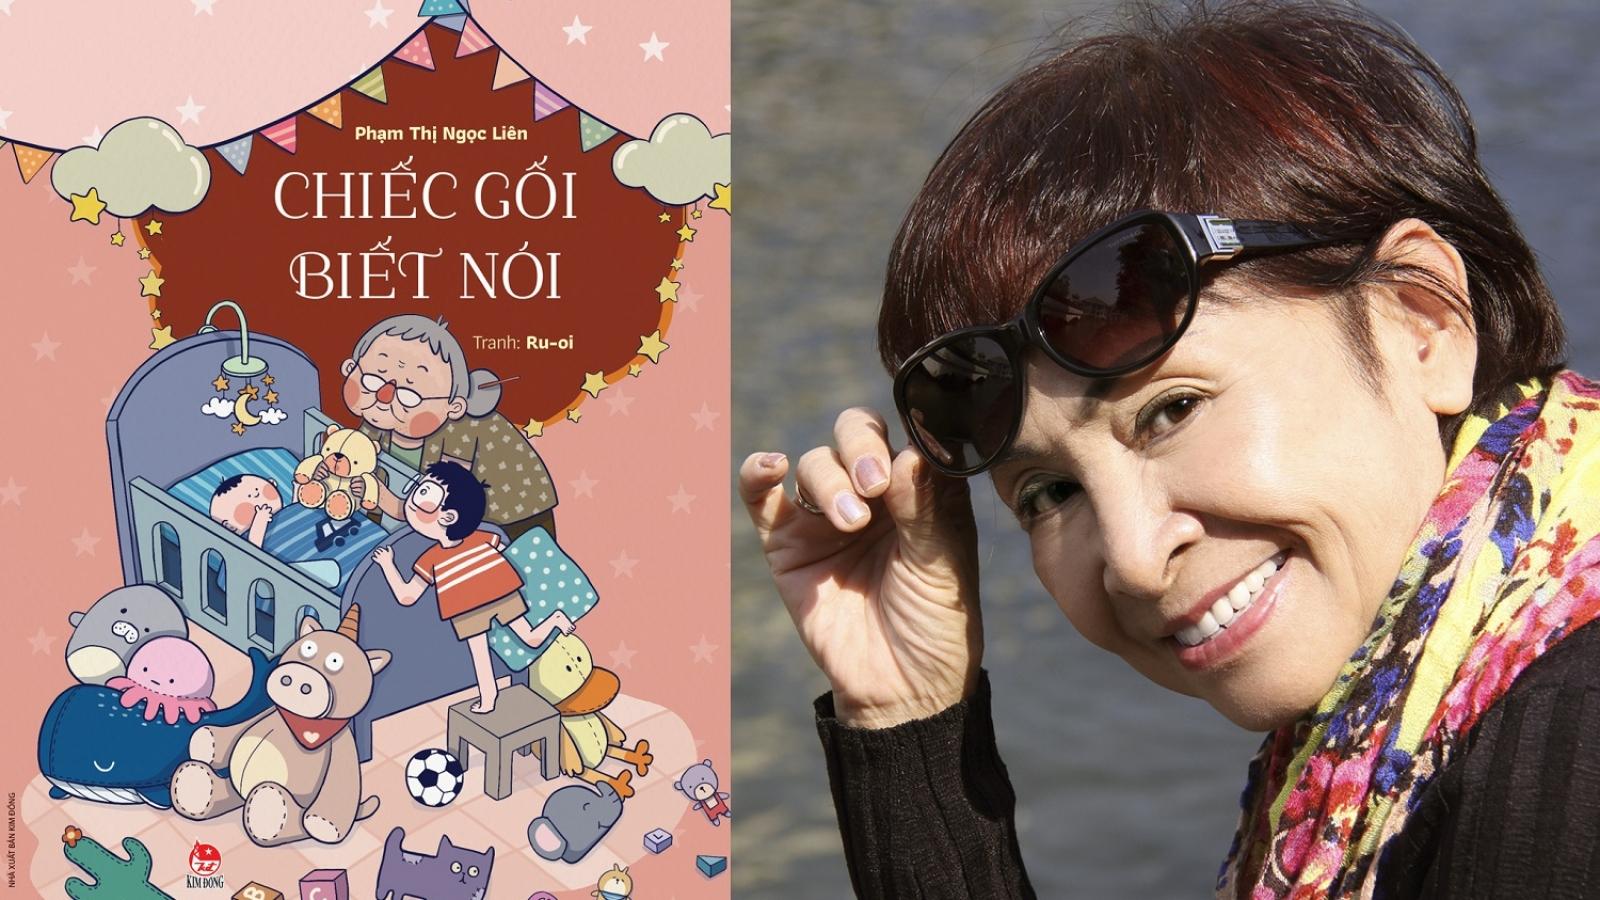 Nhà thơ Phạm Thị Ngọc Liên lần đầu ra mắt sách thiếu nhi ở tuổi… bà nội